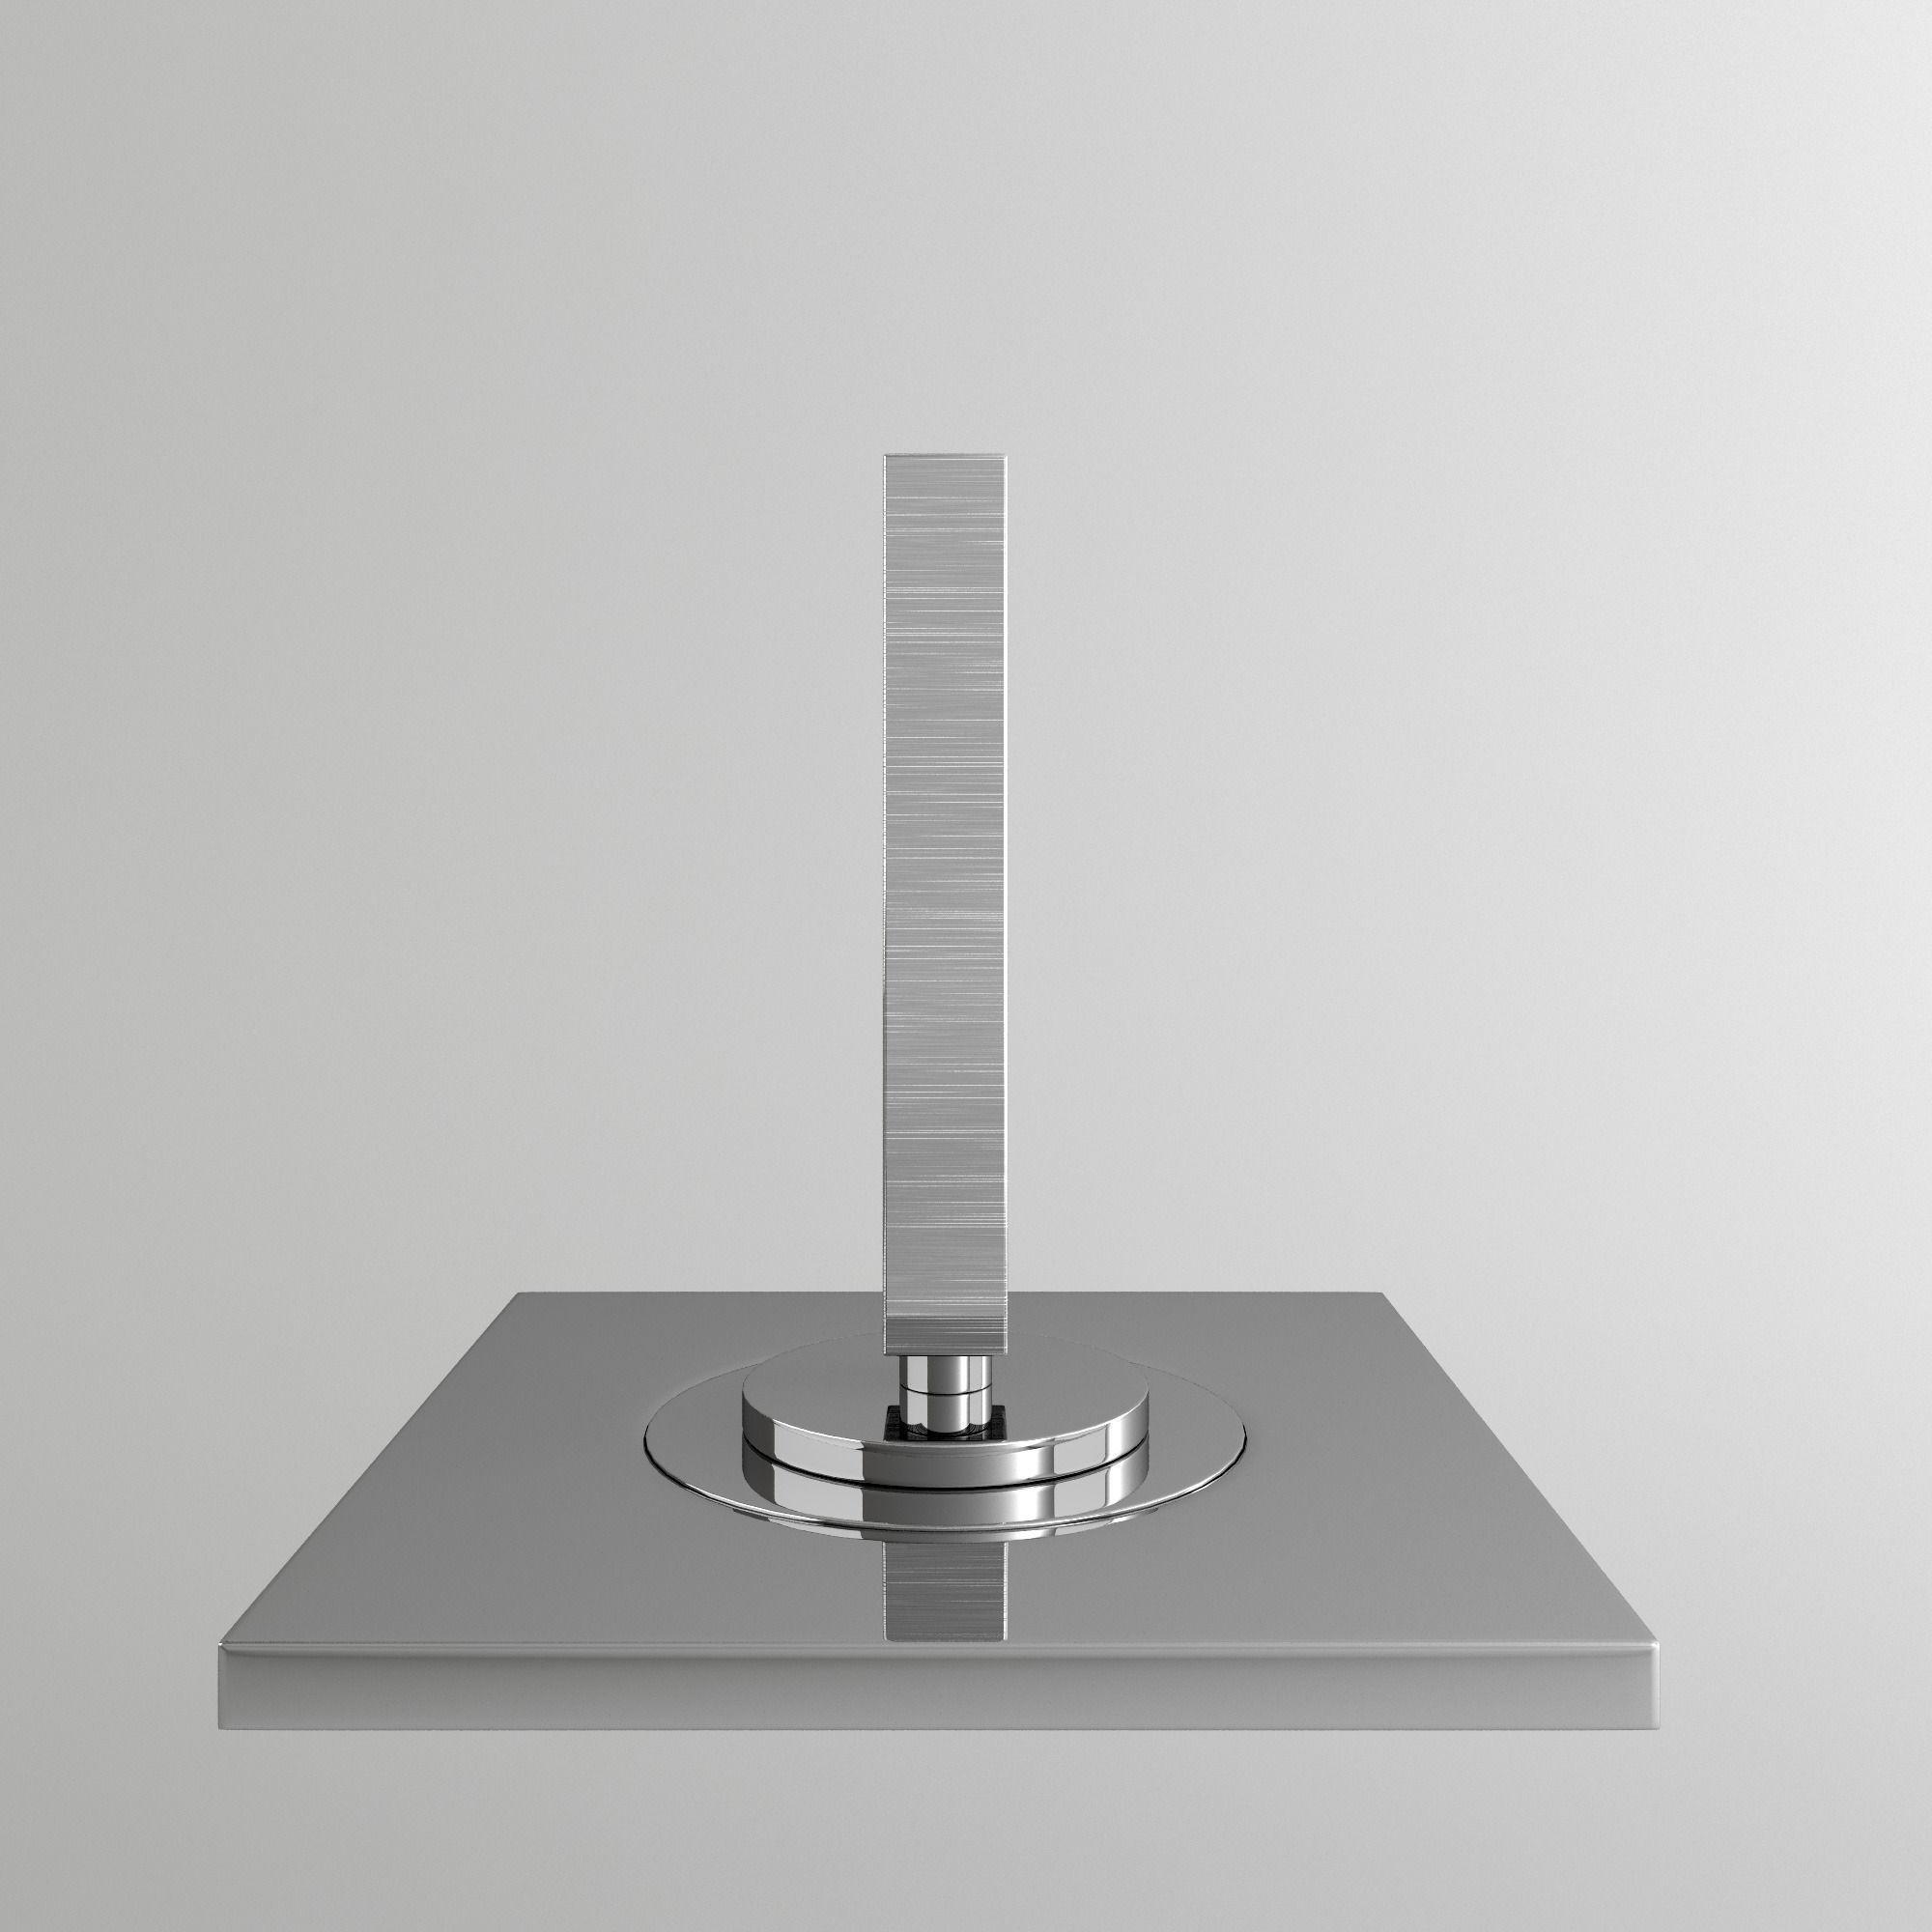 Gessi Rettangolo Ceiling Faucet and Mixer 3D model MAX OBJ 3DS FBX MTL